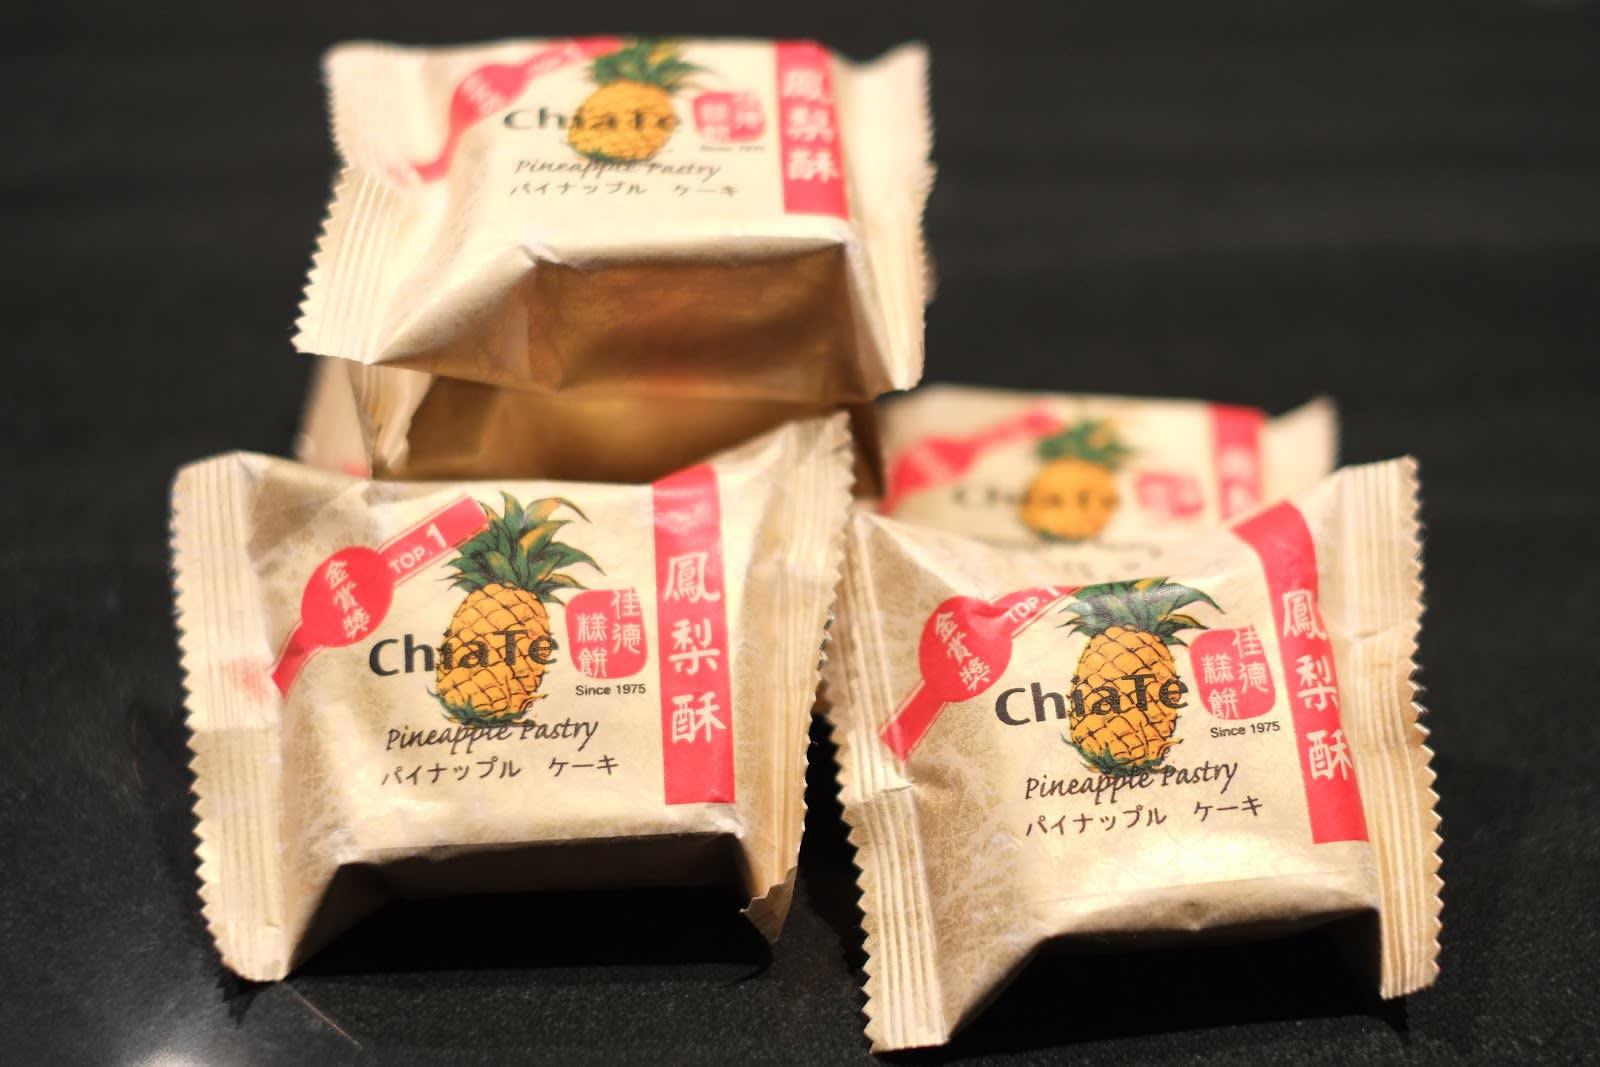 Chia-Te-Pineapple-Cakes